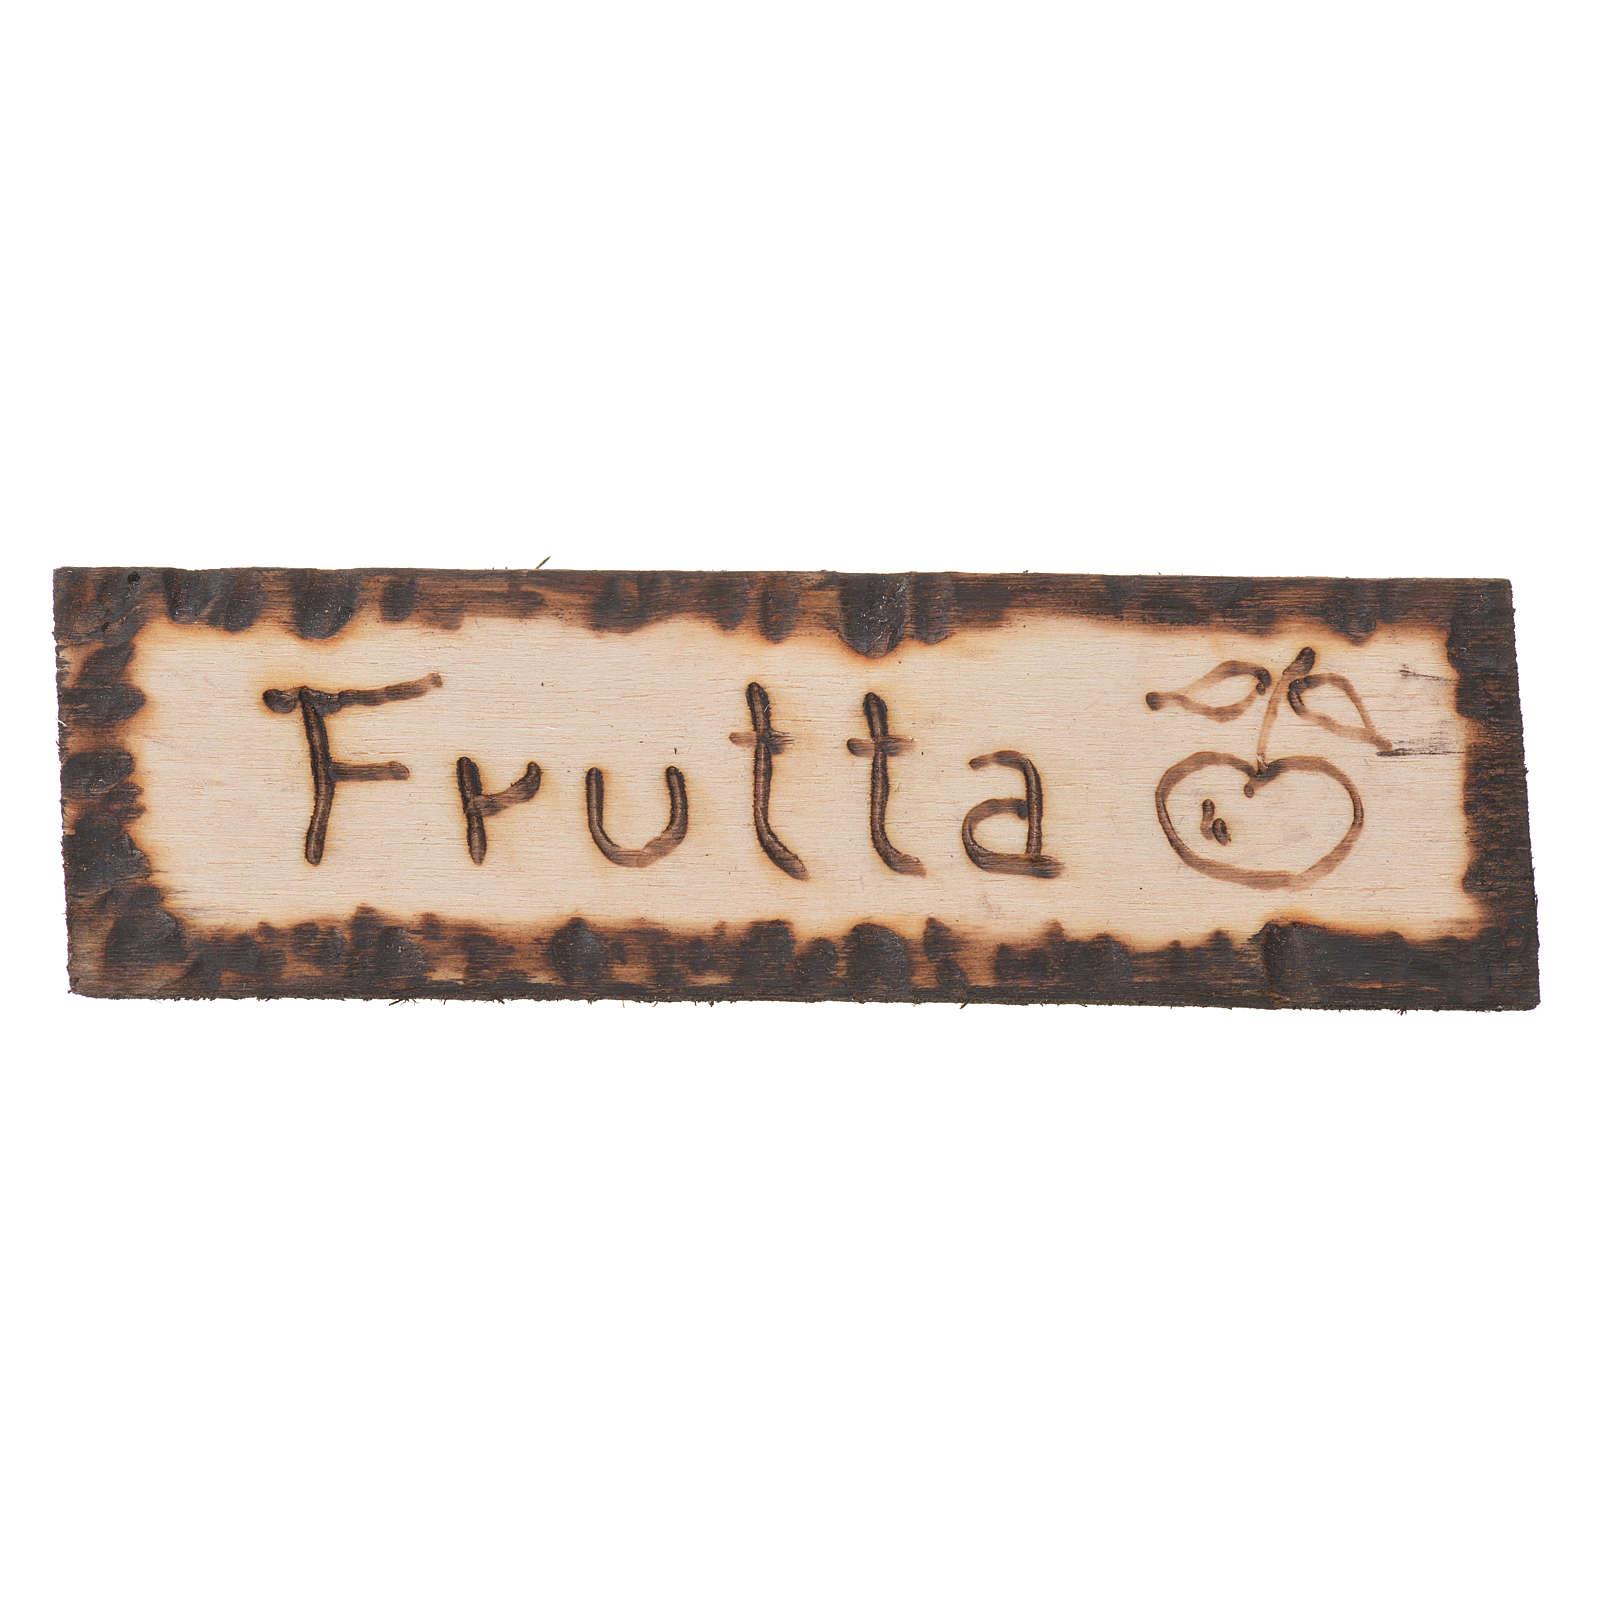 Szyld Frutta z drewna do szopki 2.5x9 cm 4